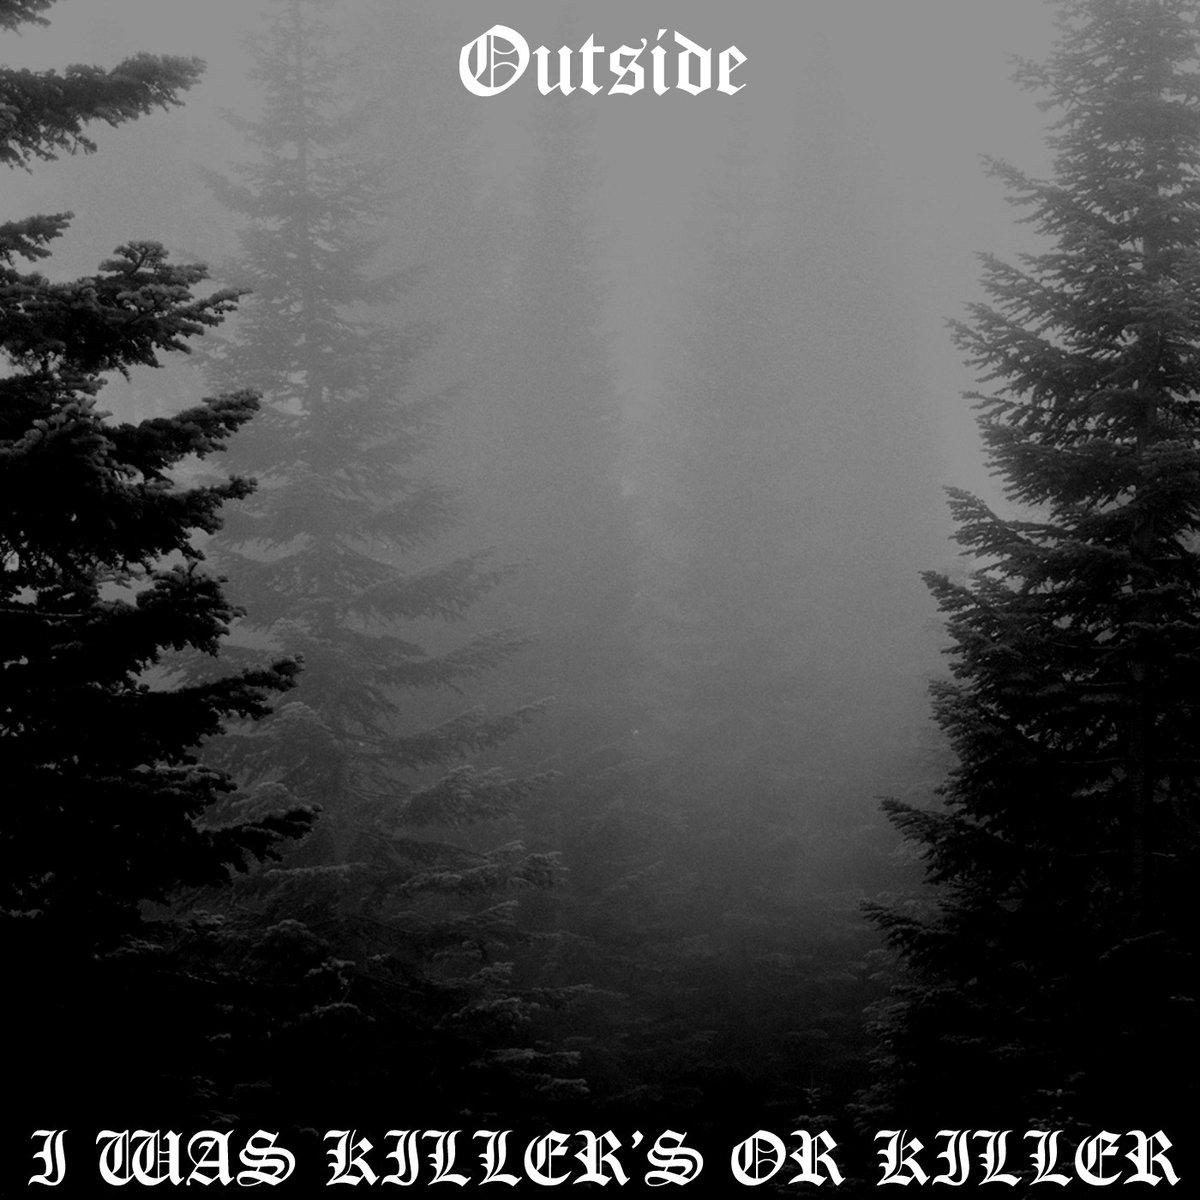 IWKOK - Outside